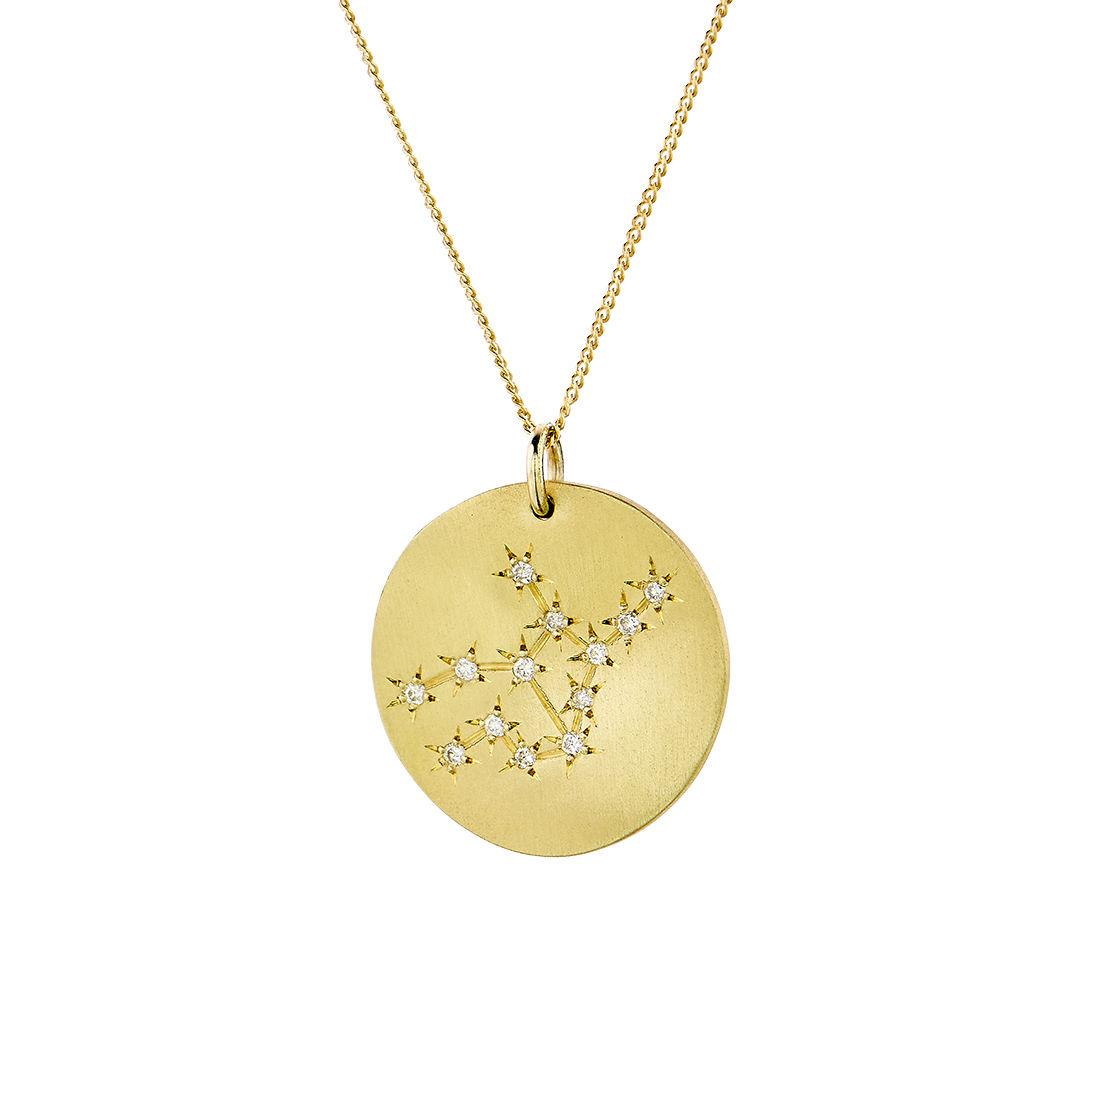 Μενταγιόν Constellation Παρθένος από χρυσό 9Κ με διαμάντια μπριγιάν